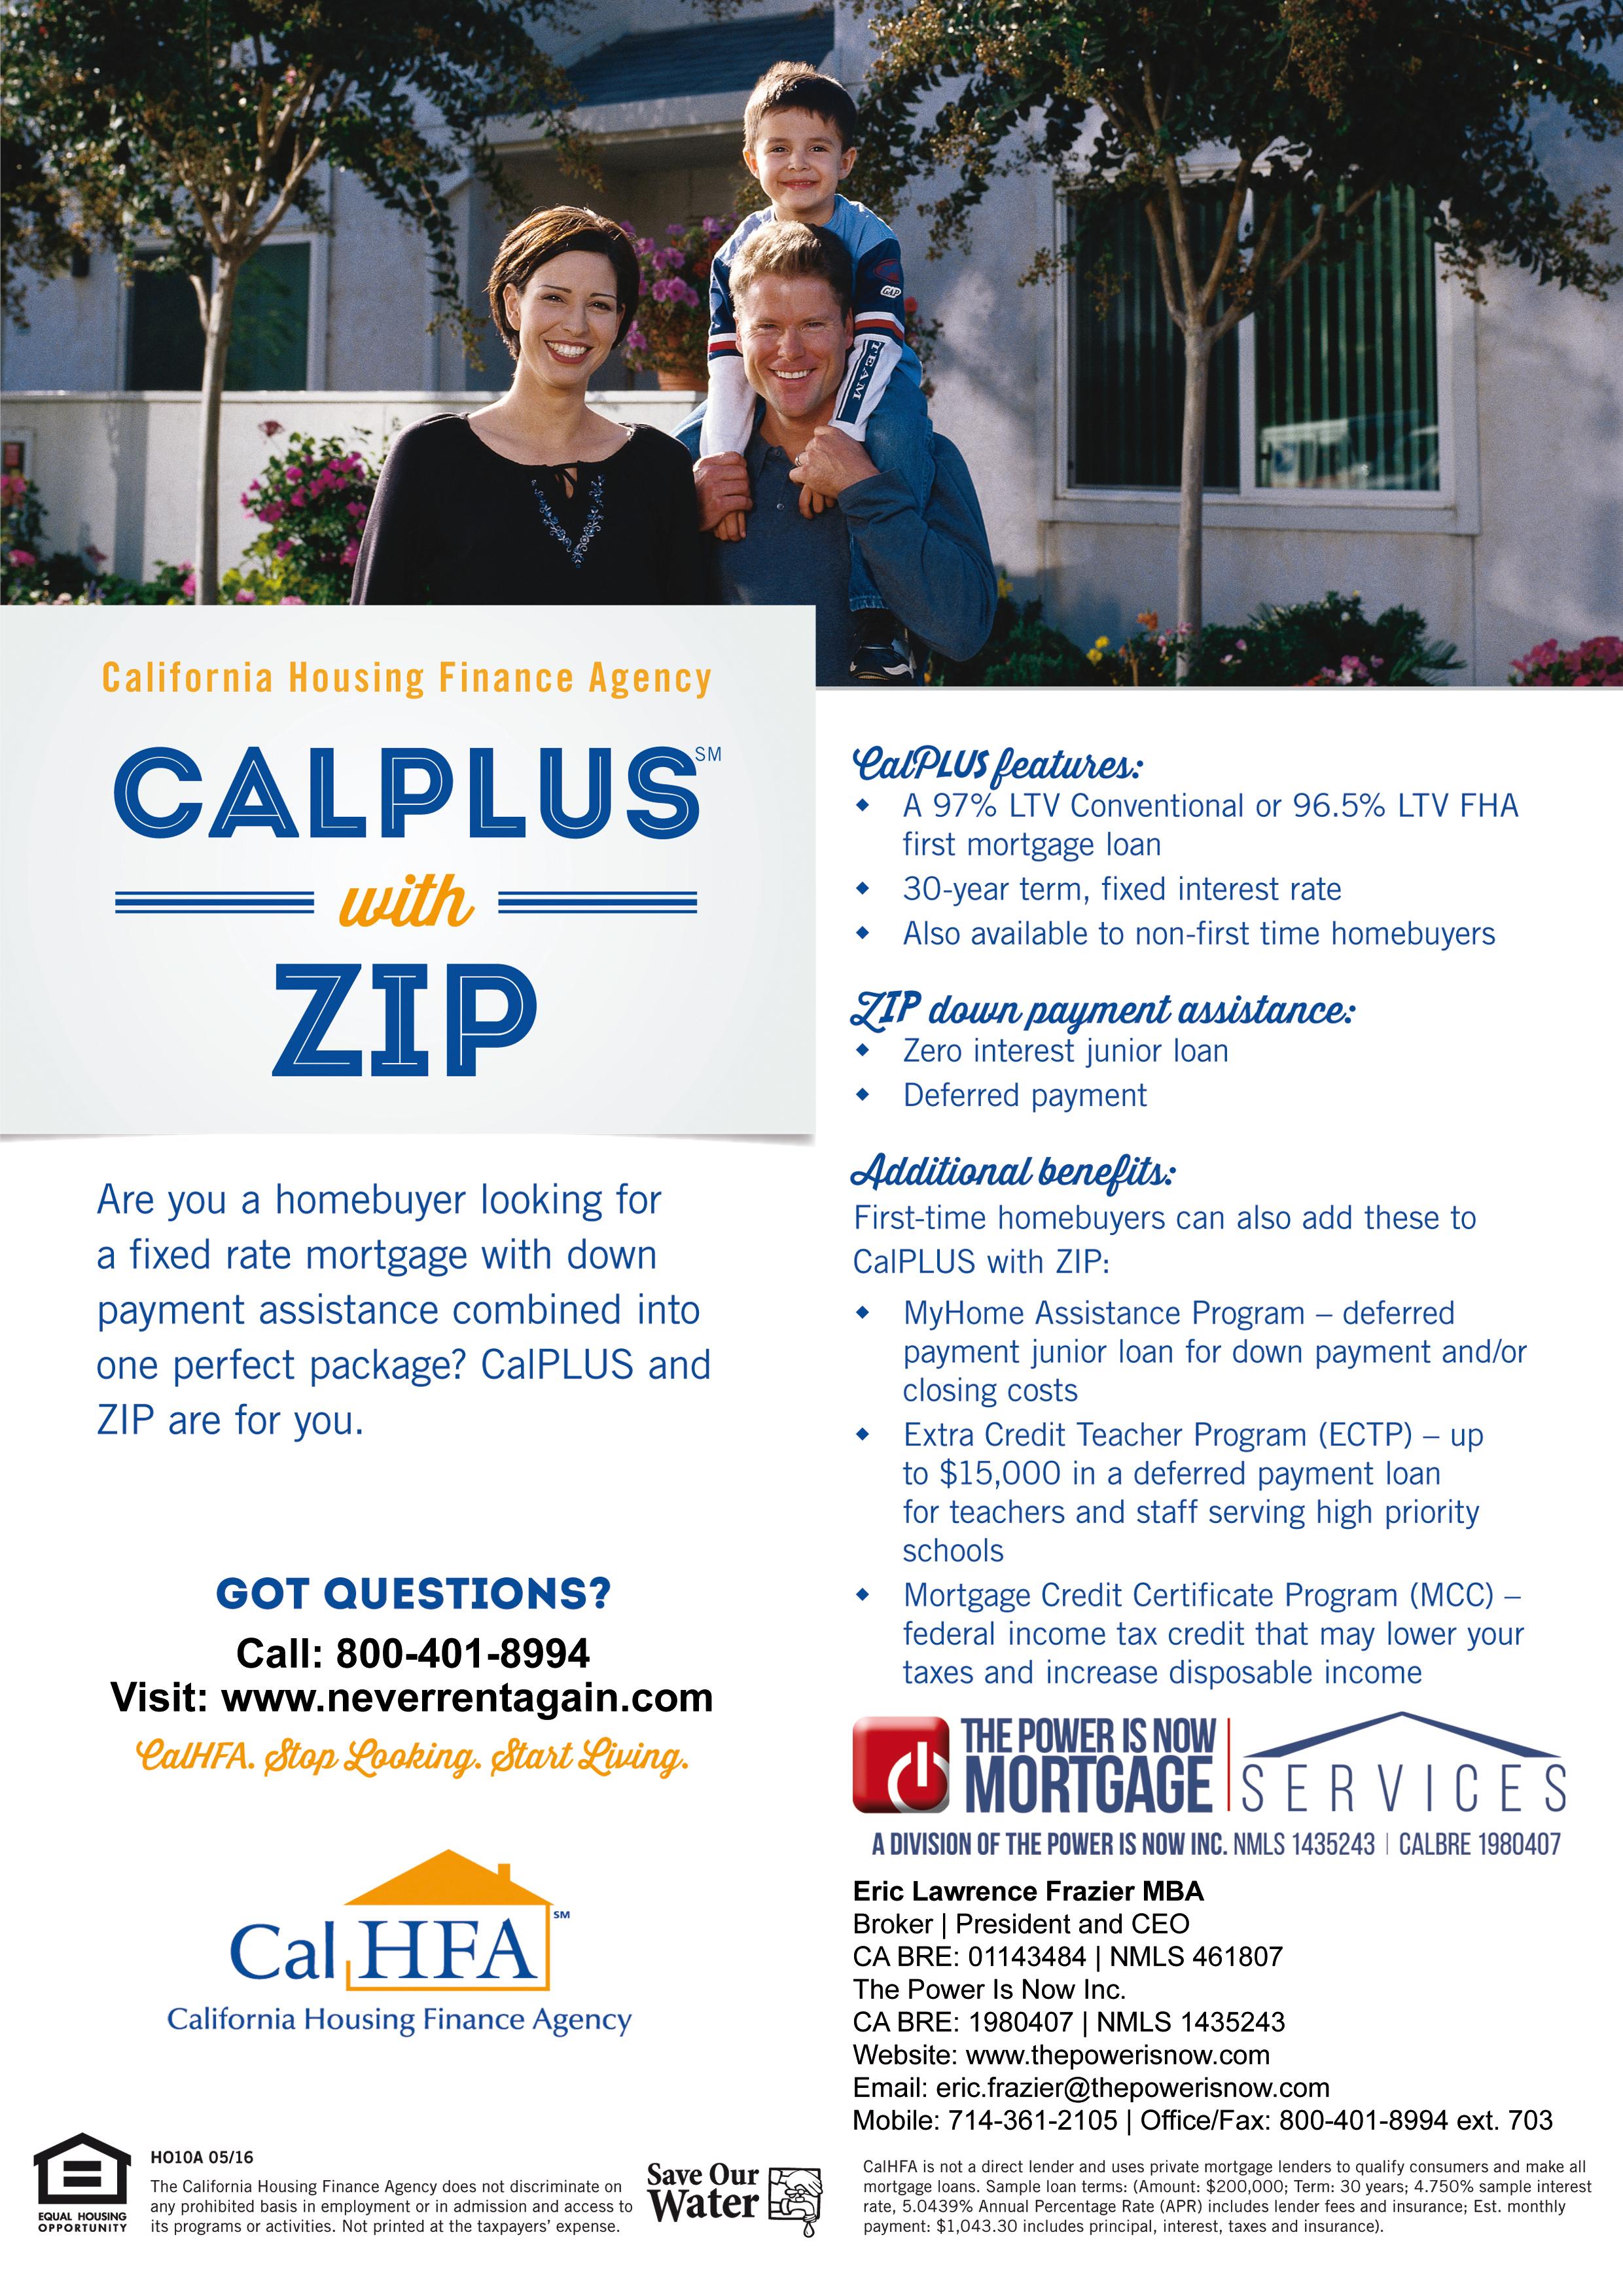 CALPLUS with ZIP